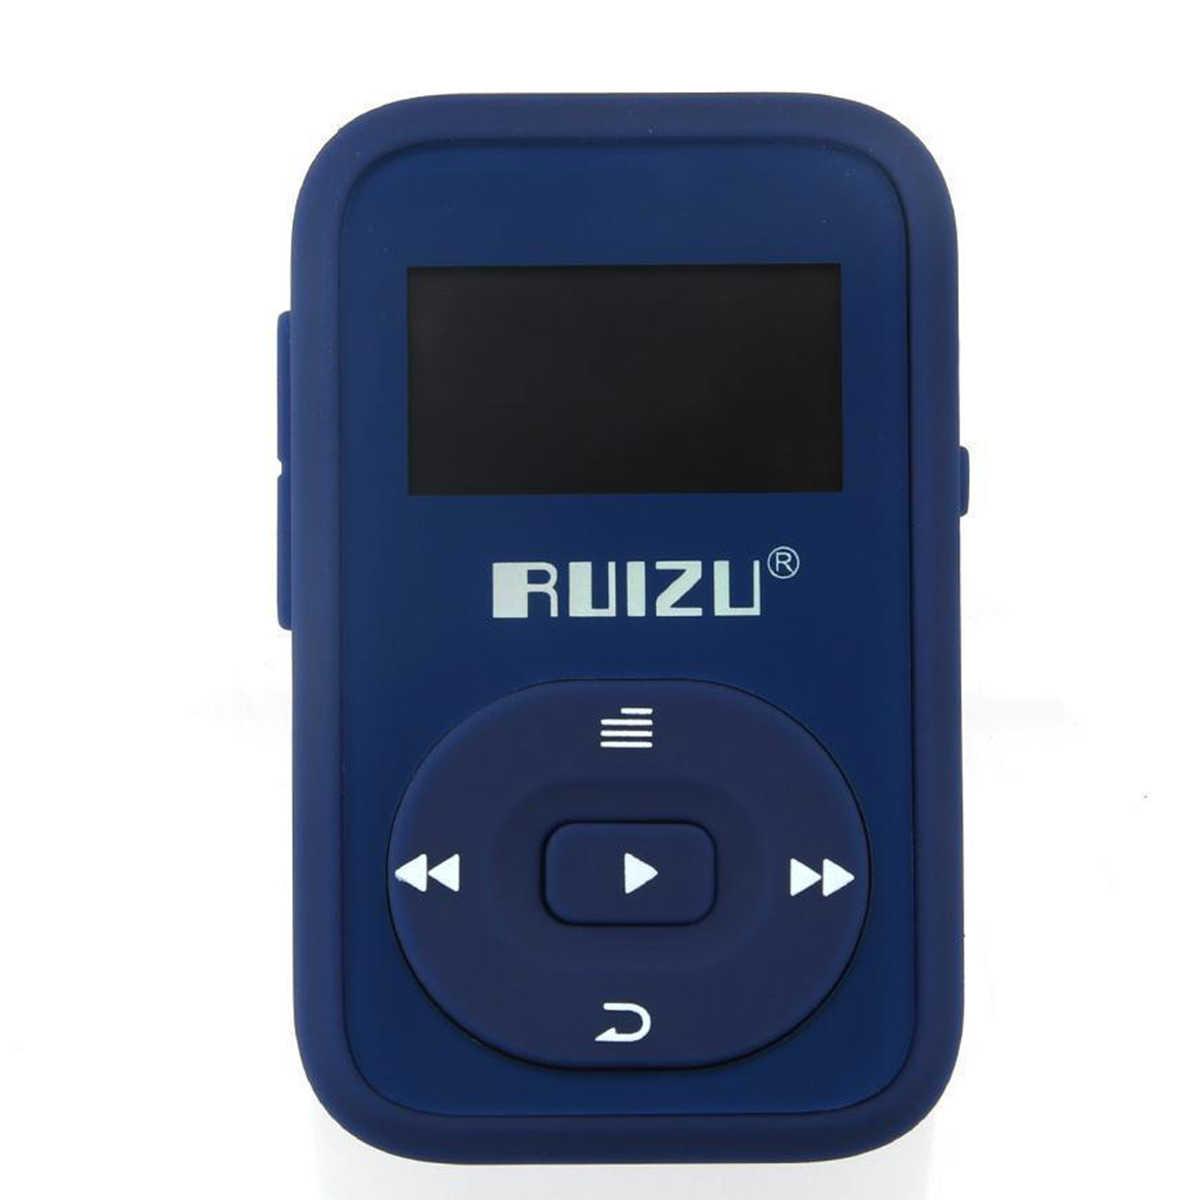 Мини оригинальный RUIZU X26 клип Bluetooth MP3 плеер 8 ГБ Спорт mp3 музыка Регистраторы FM радио Поддержка TF карты флэш-памяти игроков